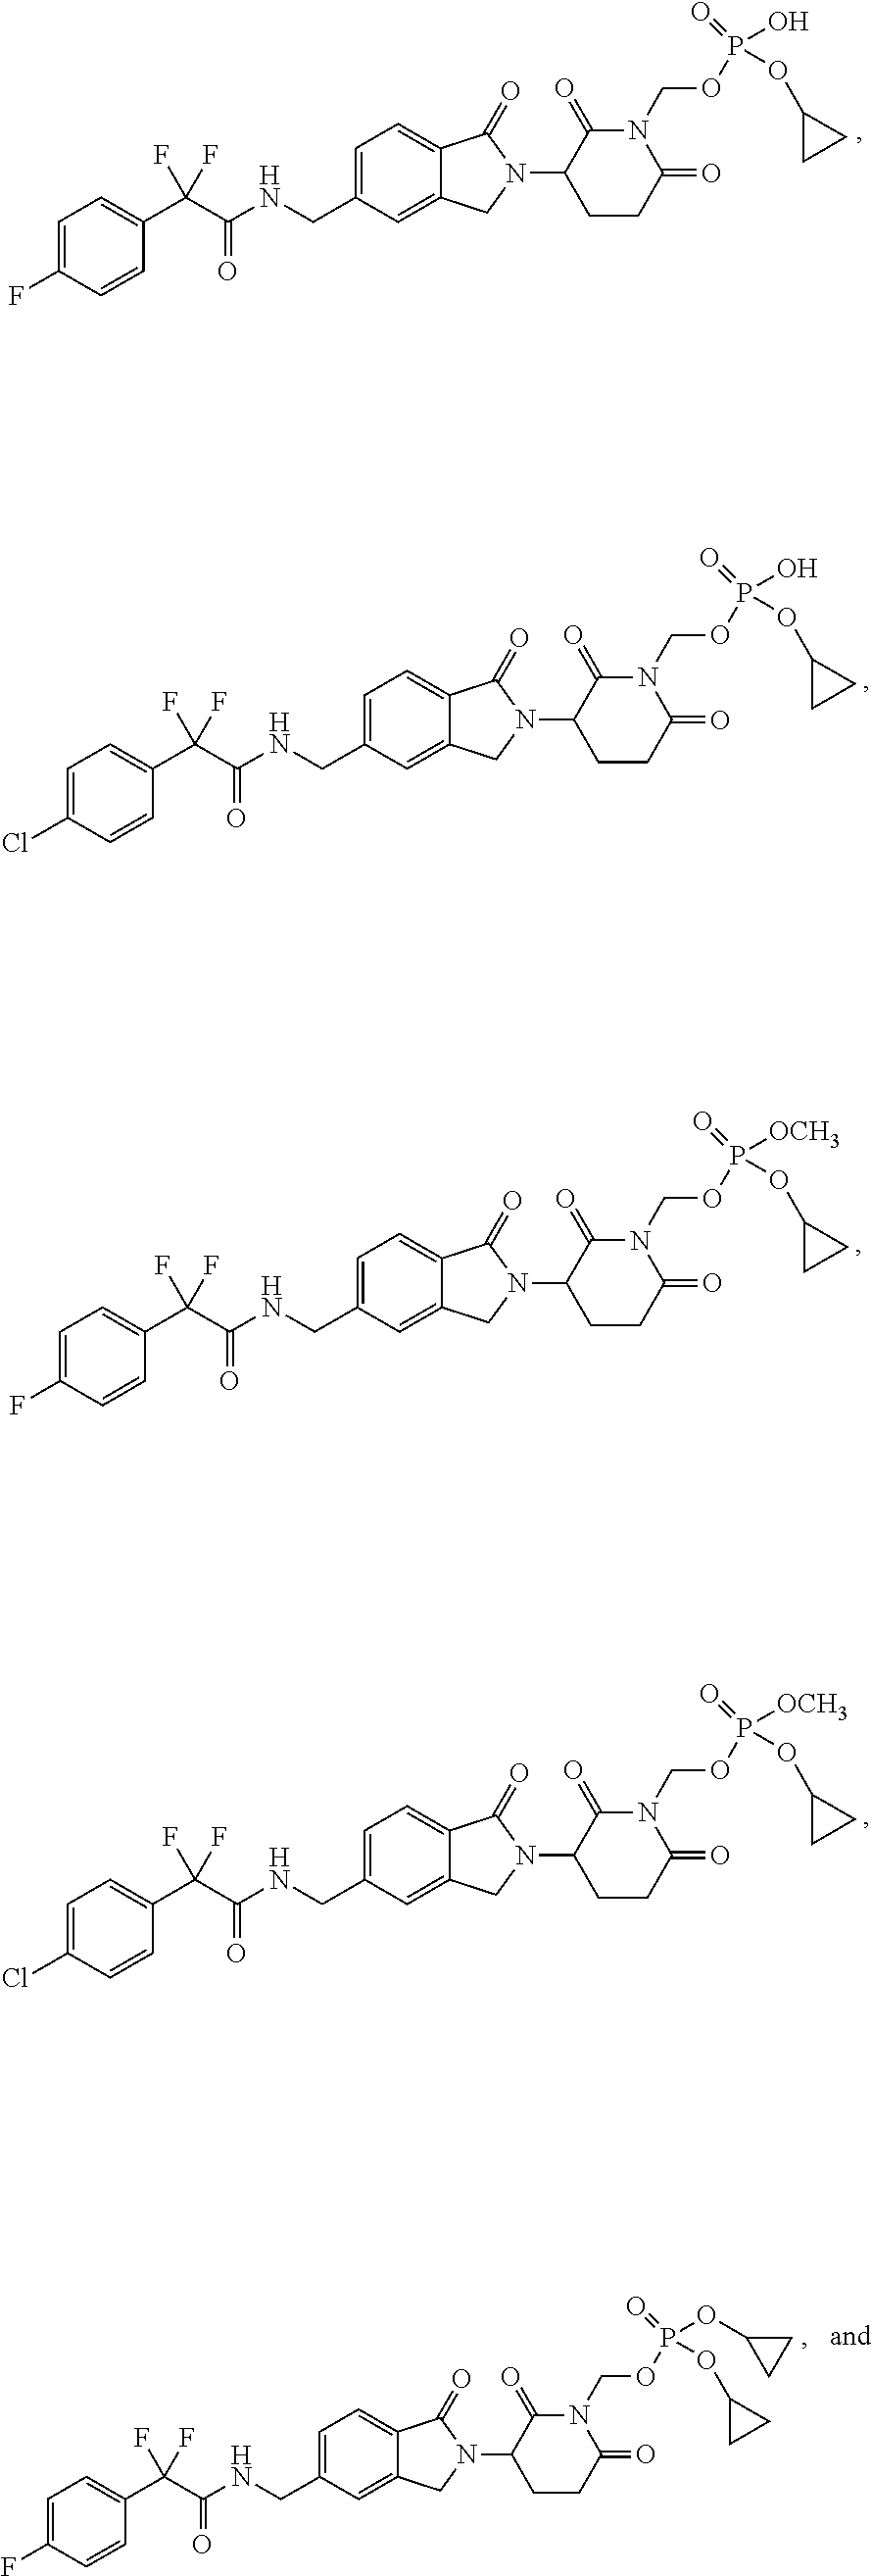 Figure US09938254-20180410-C00015